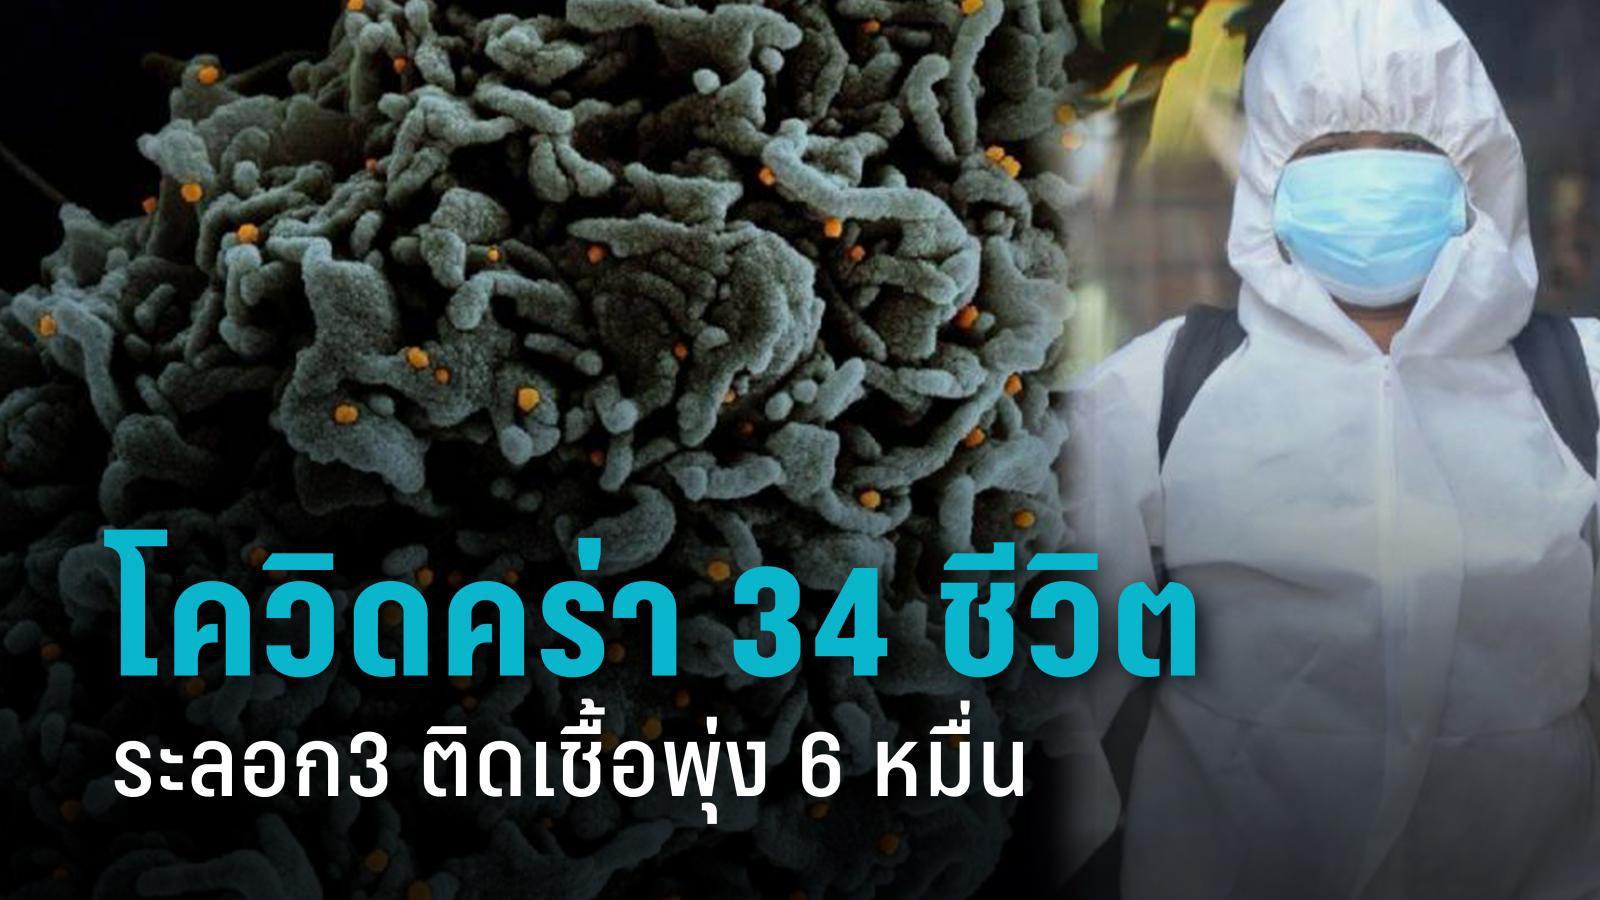 สังเวยอีก 34 ชีวิต โควิดรอบ 3 ดุ ติดเชื้อทะลุ 6 หมื่นราย นนทบุรี ปทุมฯ สมุทรปราการ พุ่ง!